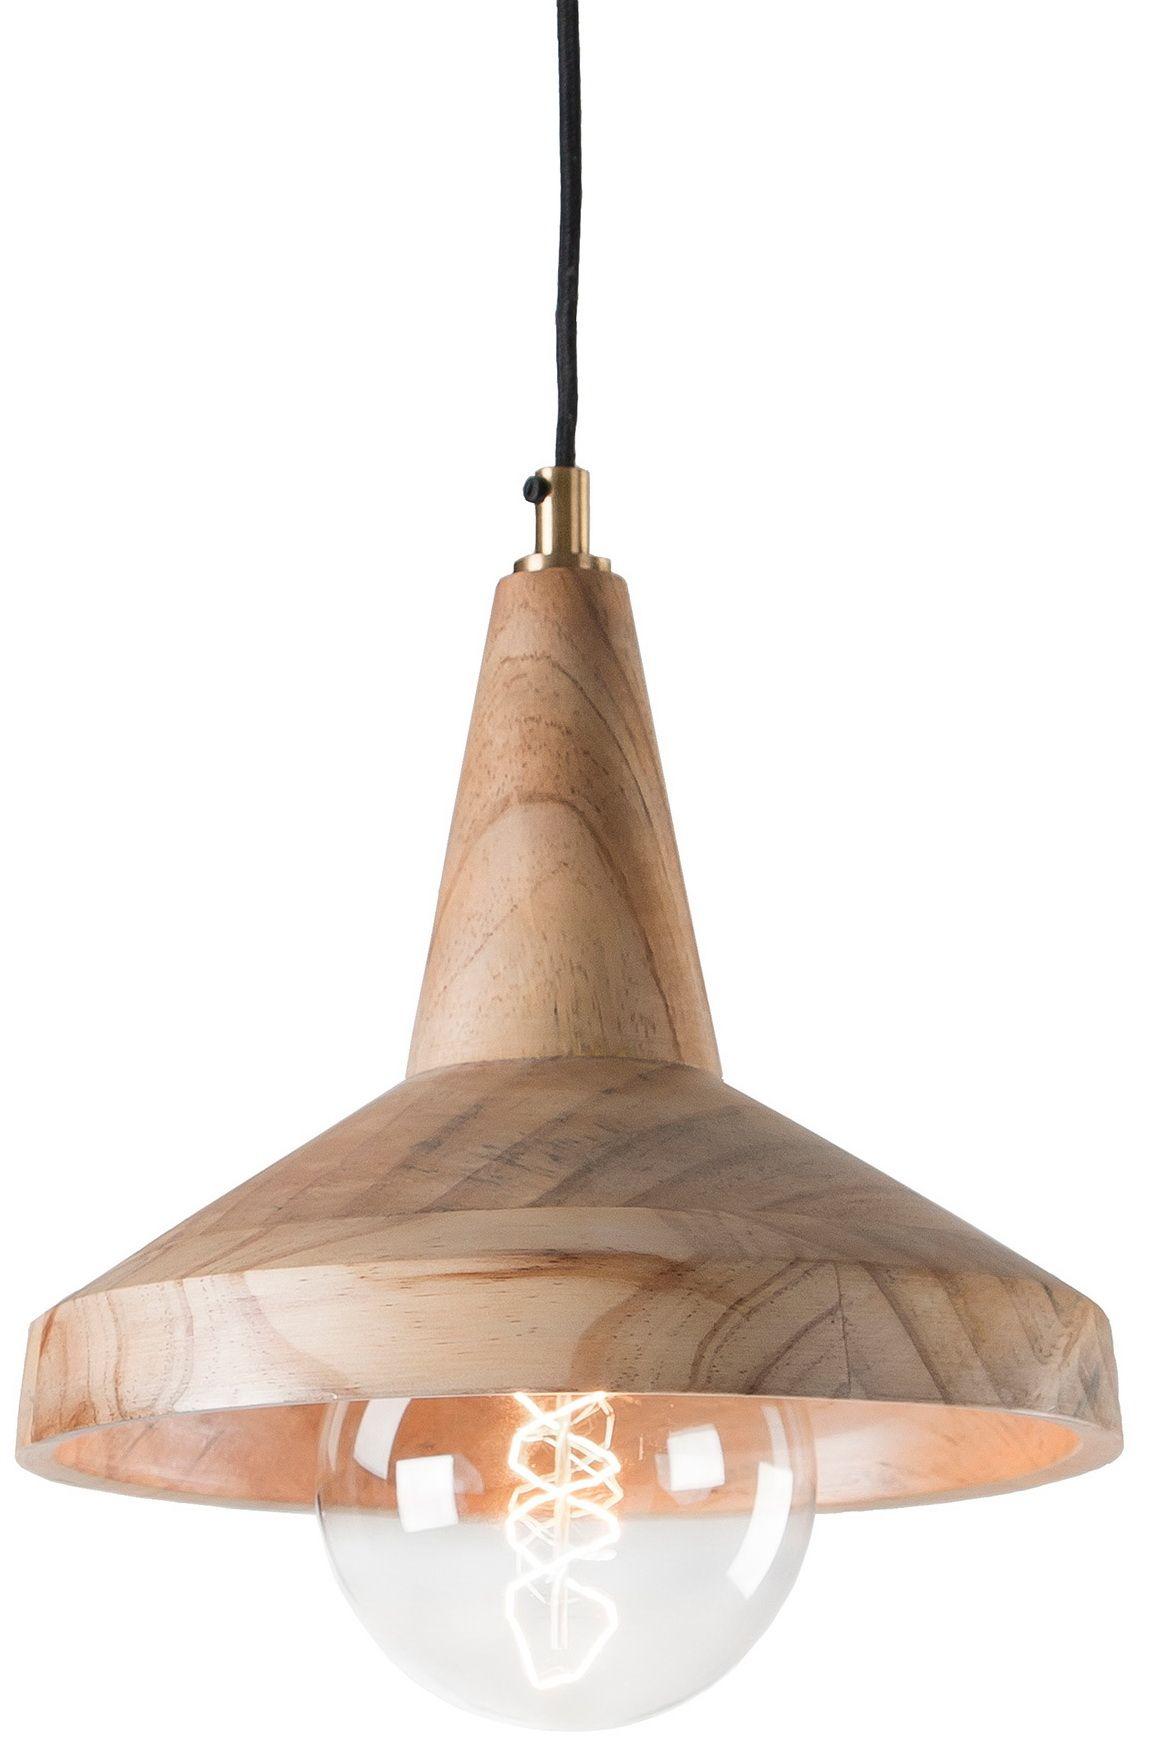 Ispirata ai lampadari dei paesi nordici, molto semplici ed